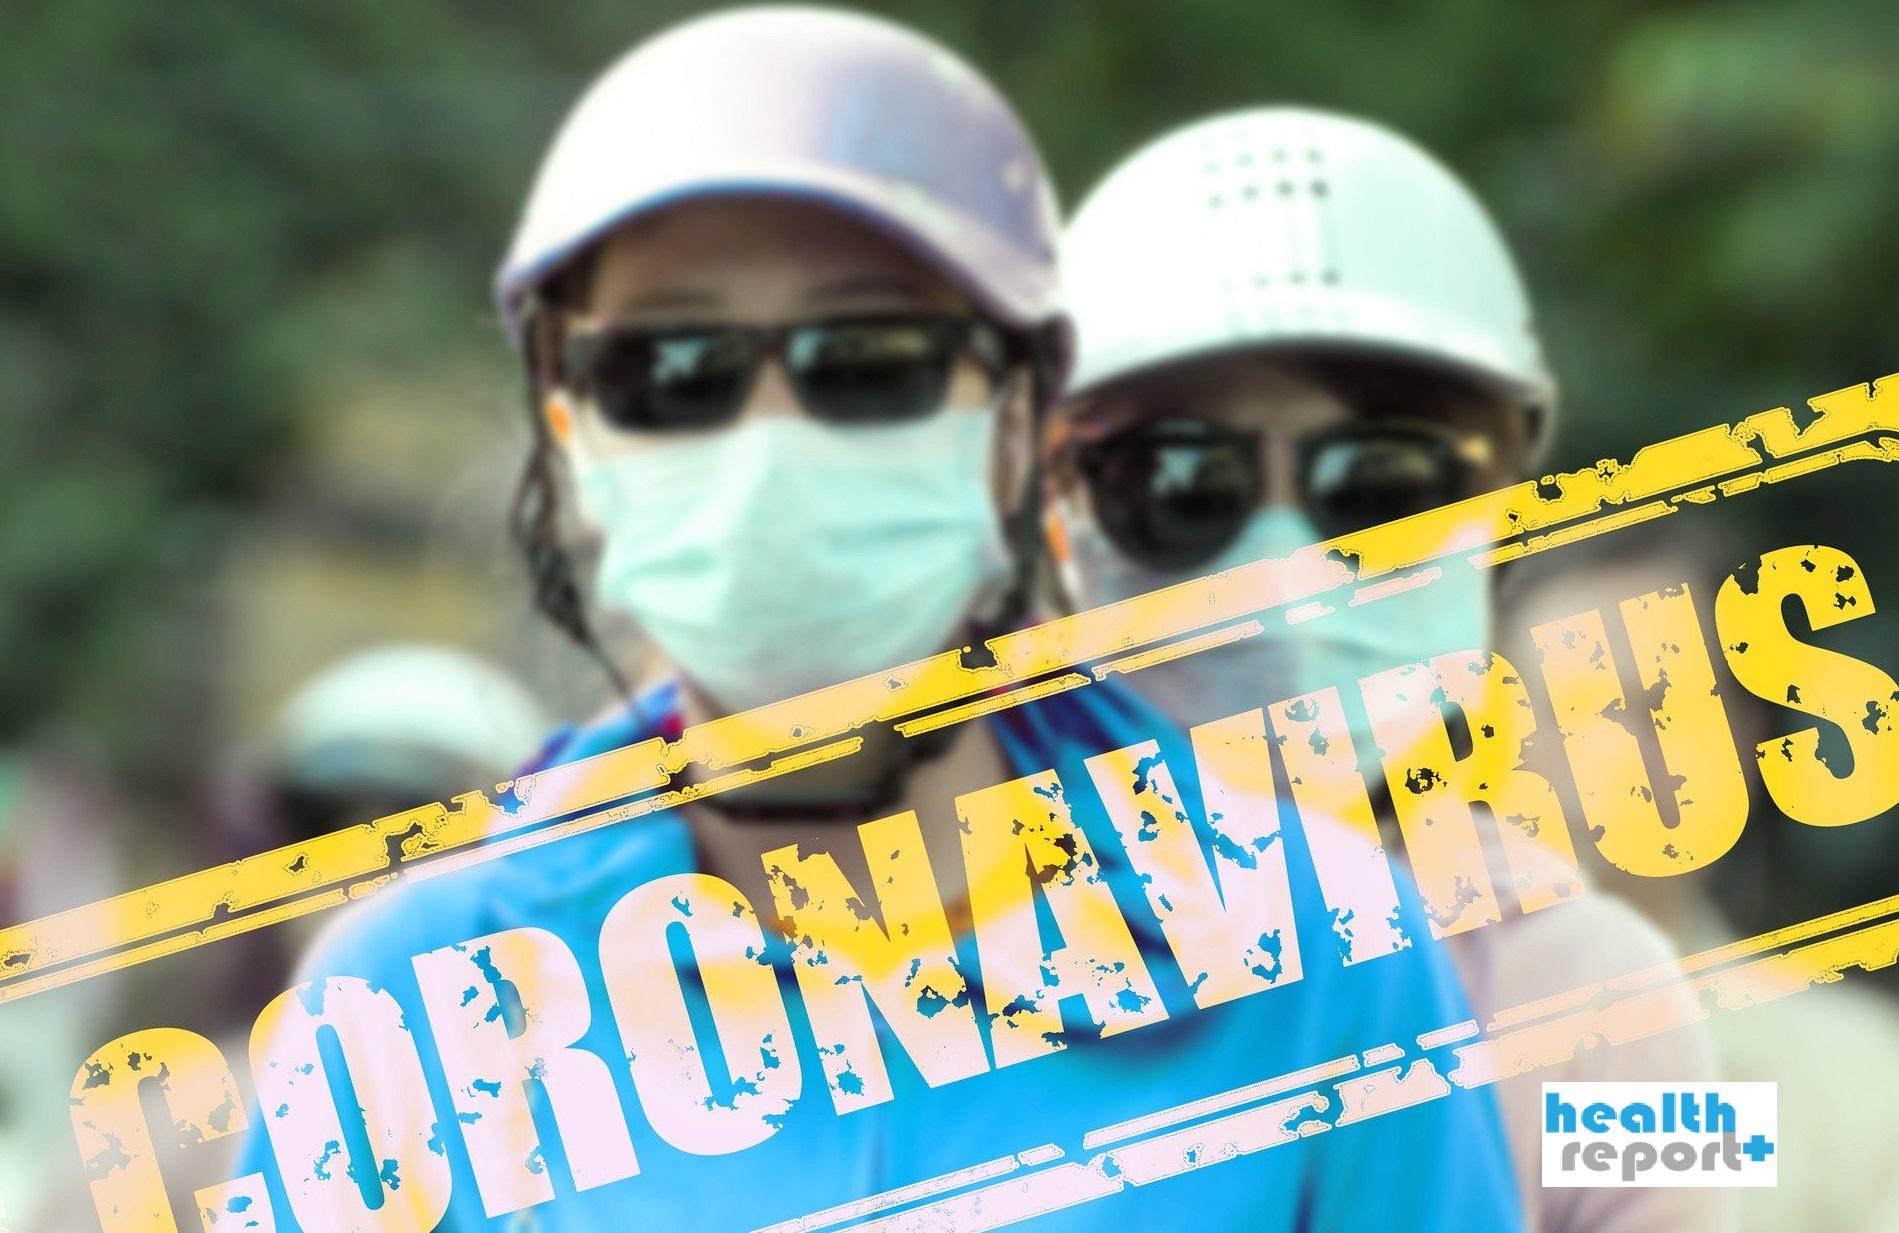 Κορoνοϊός: Πόσο προστατεύουν τα γυαλιά – Νέα έρευνα